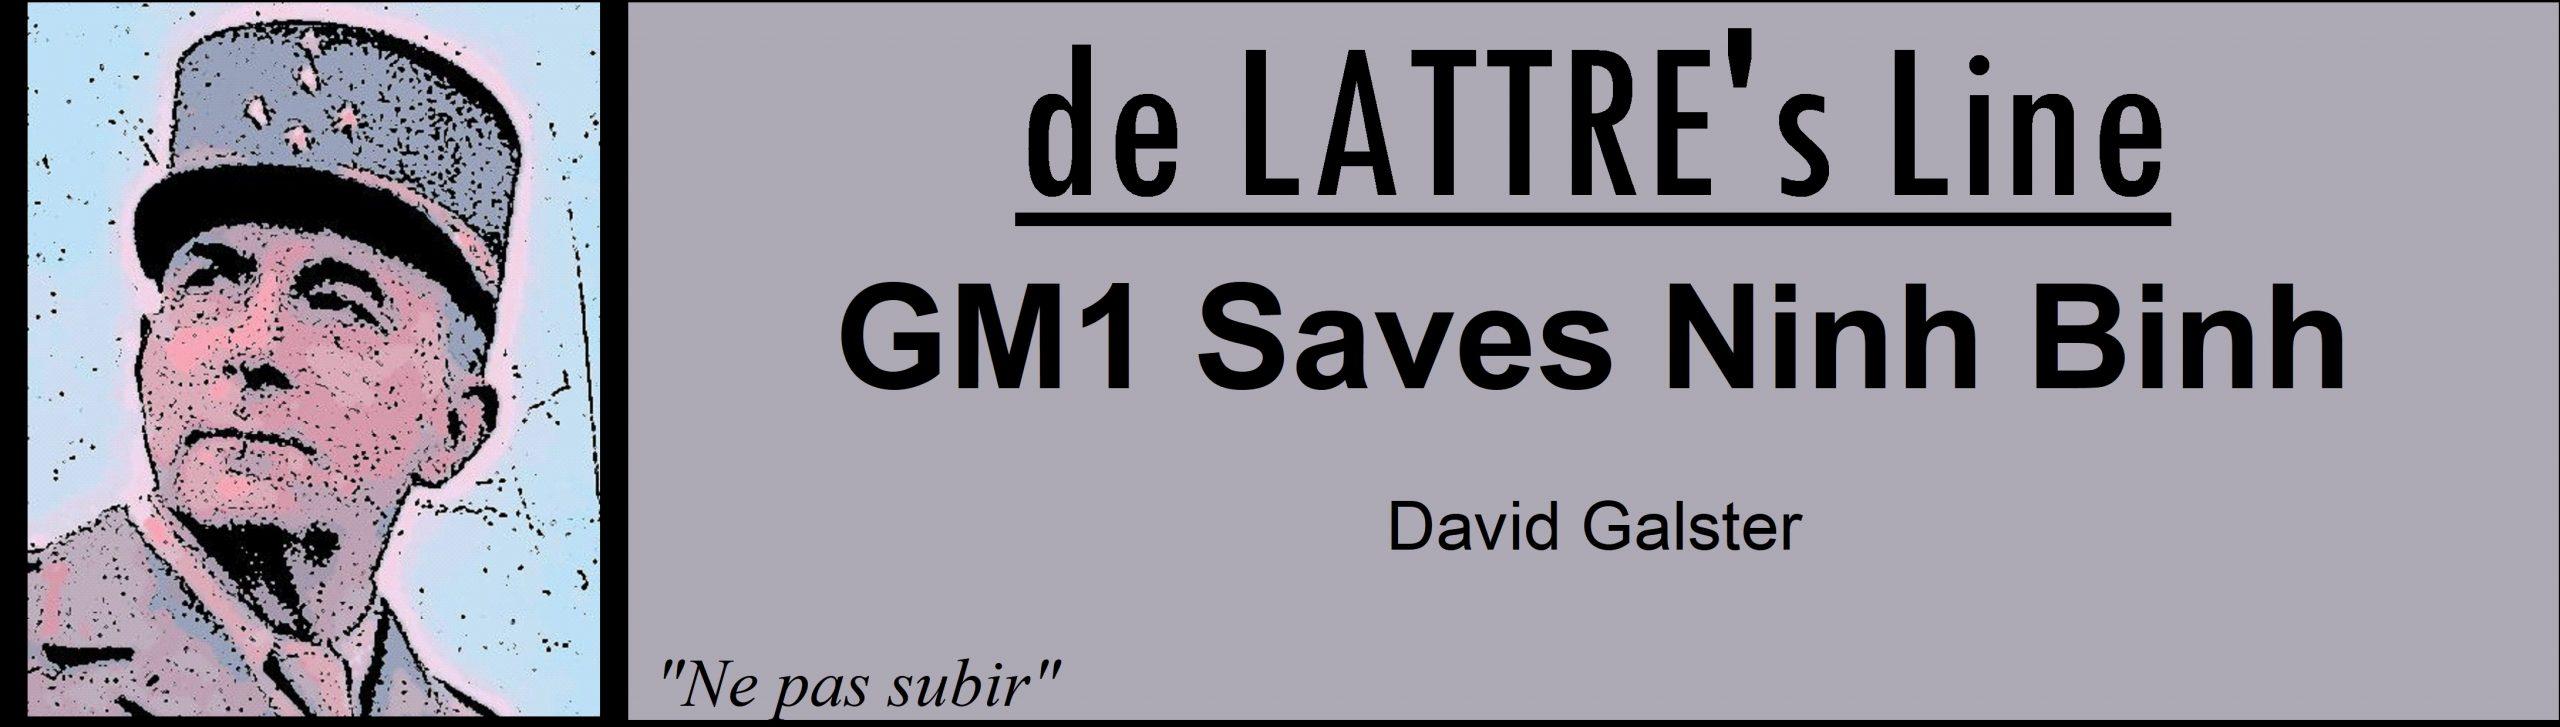 Campaign Series Vietnam | de Lattre's Line